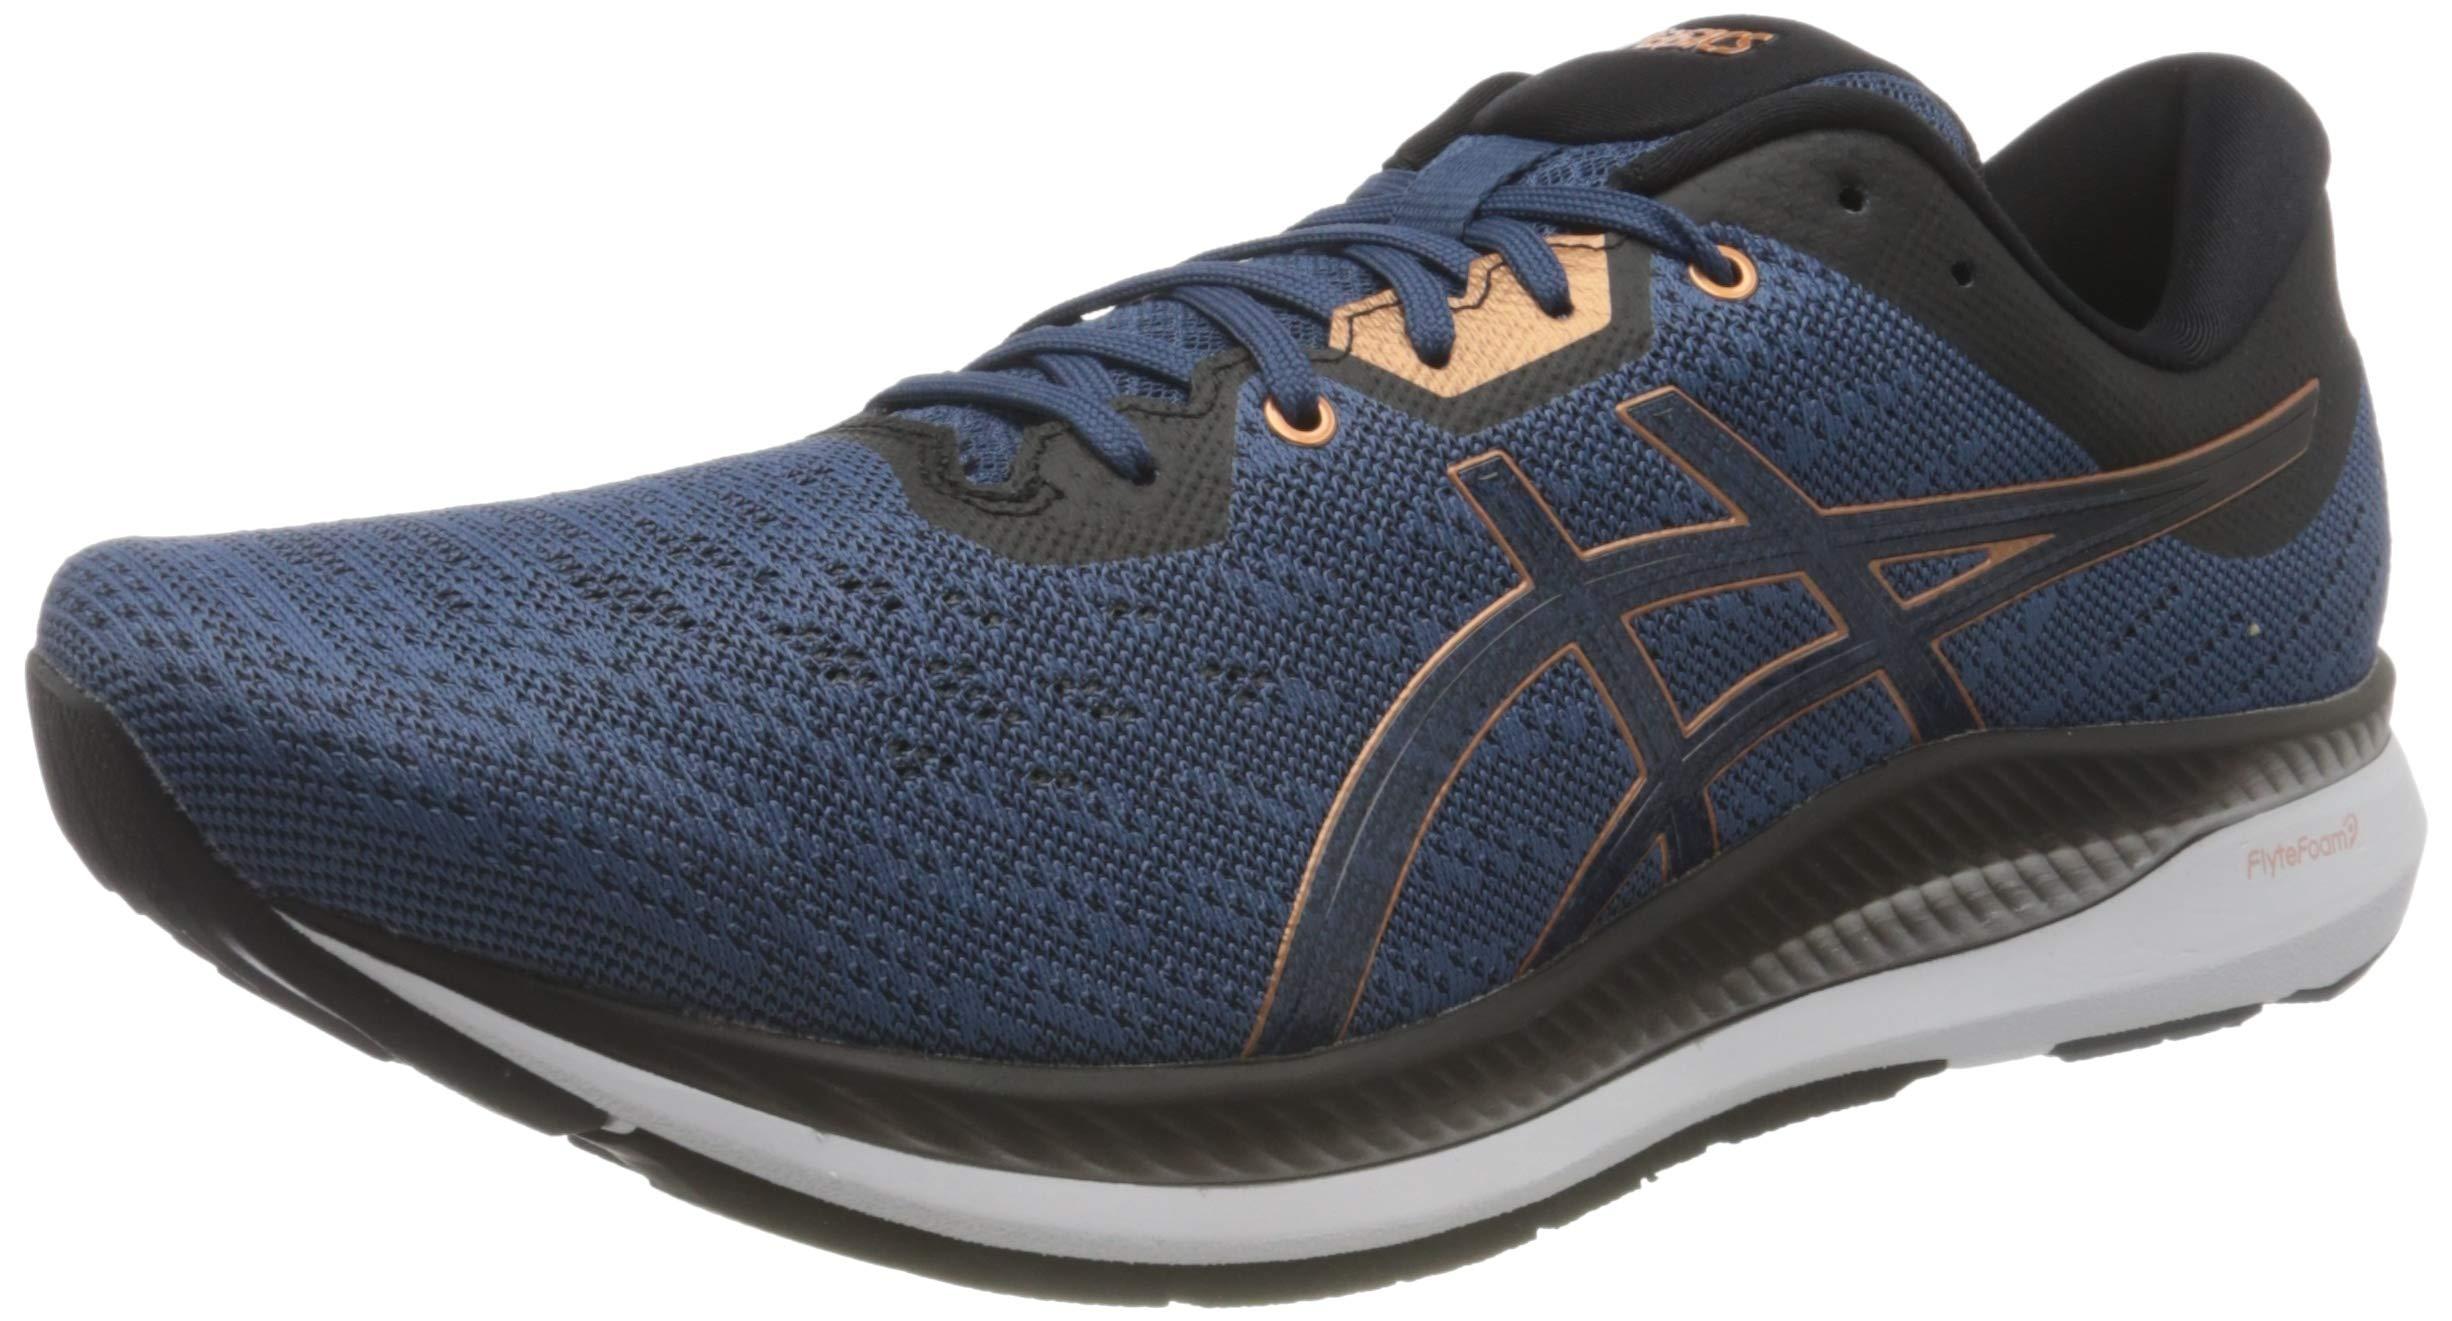 ASICS Herren 1011A792-400_42,5 Running Shoes, Navy Blue, 42.5 EU